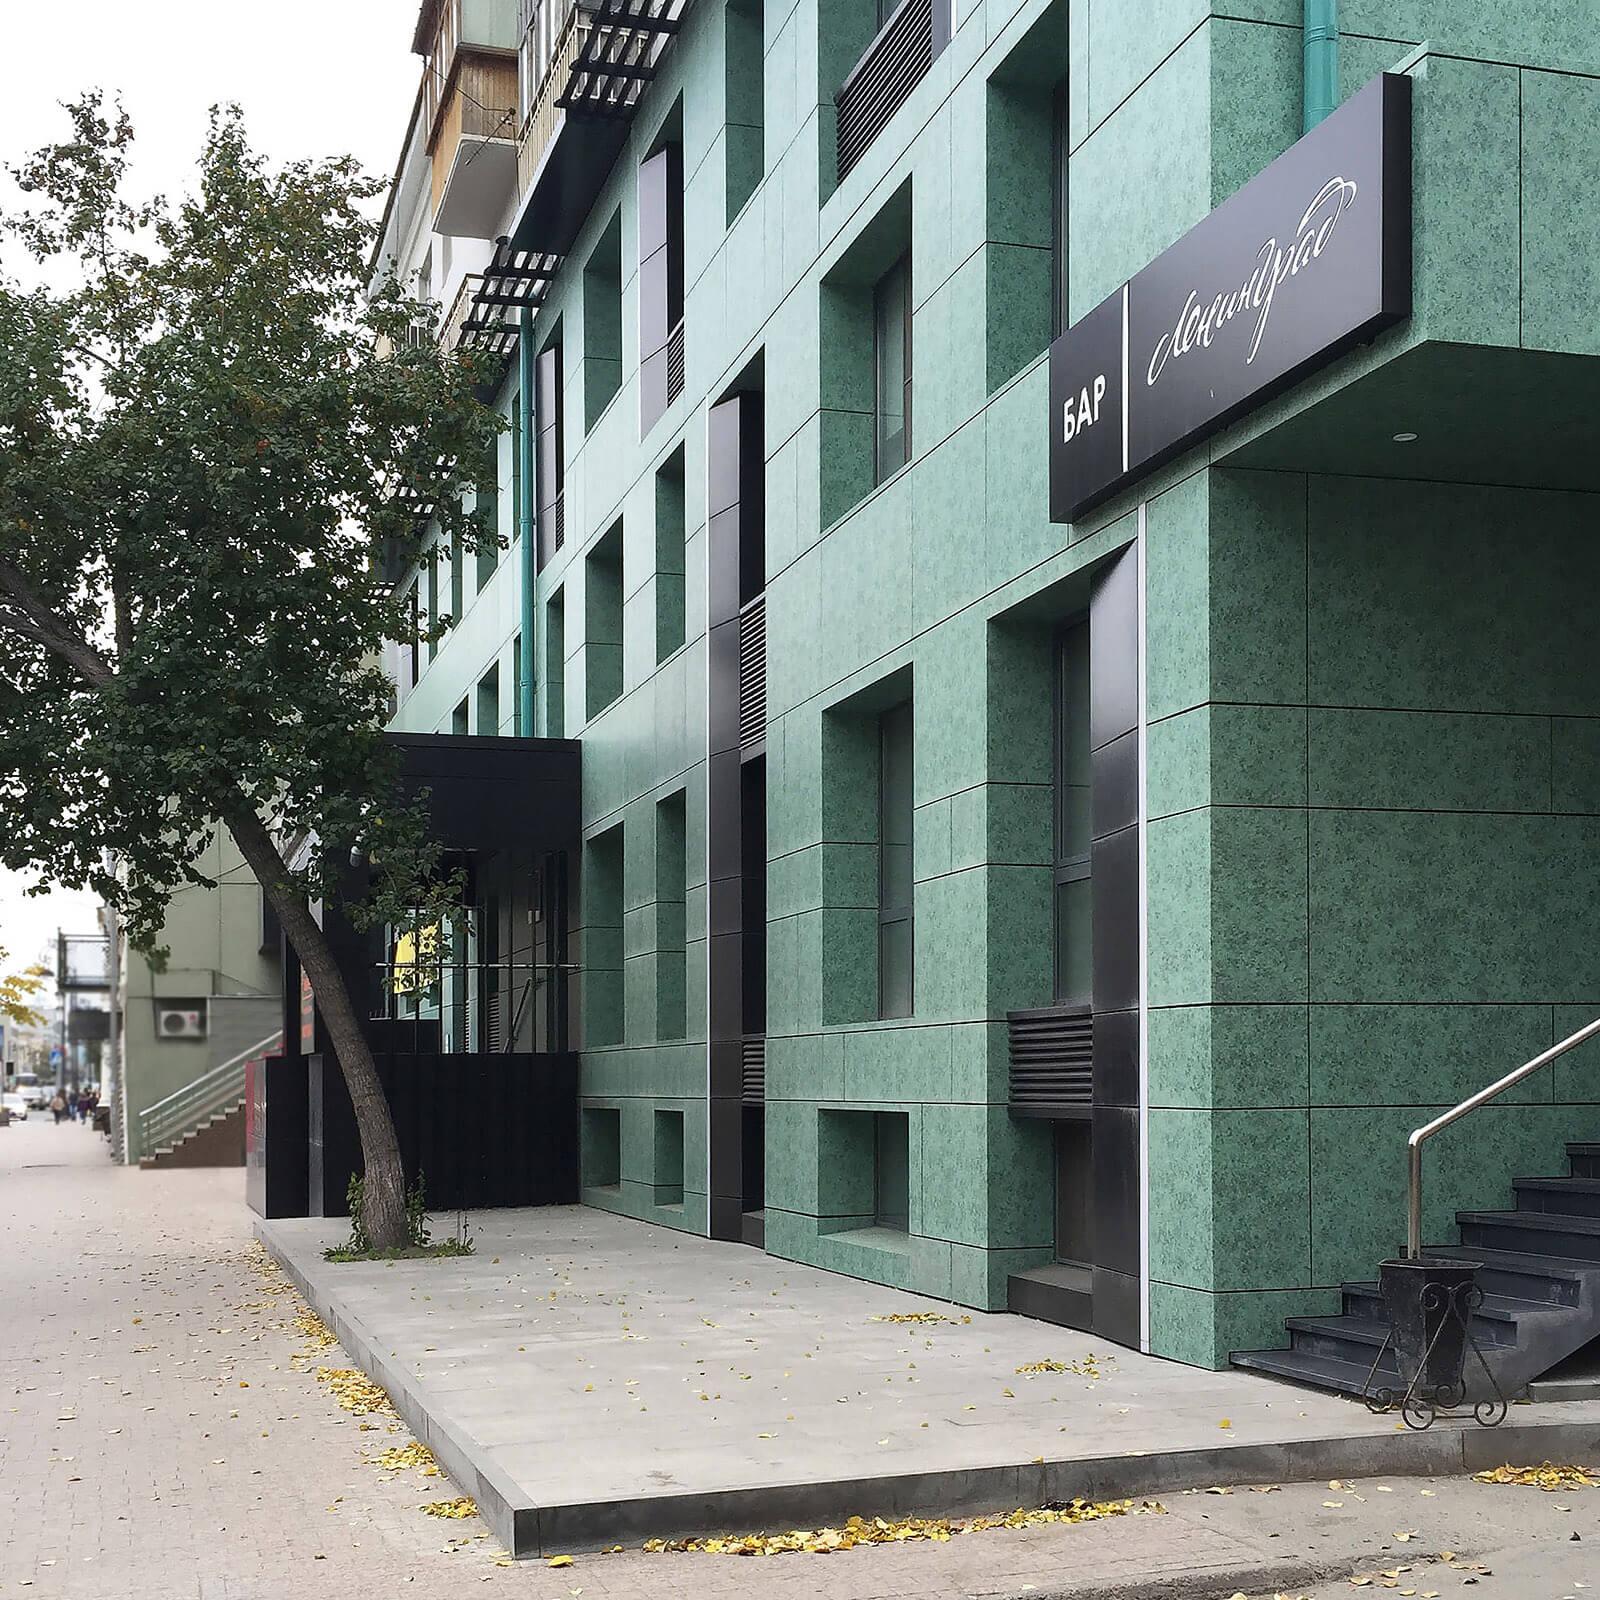 Реферат: Проектирование придорожного комплекса